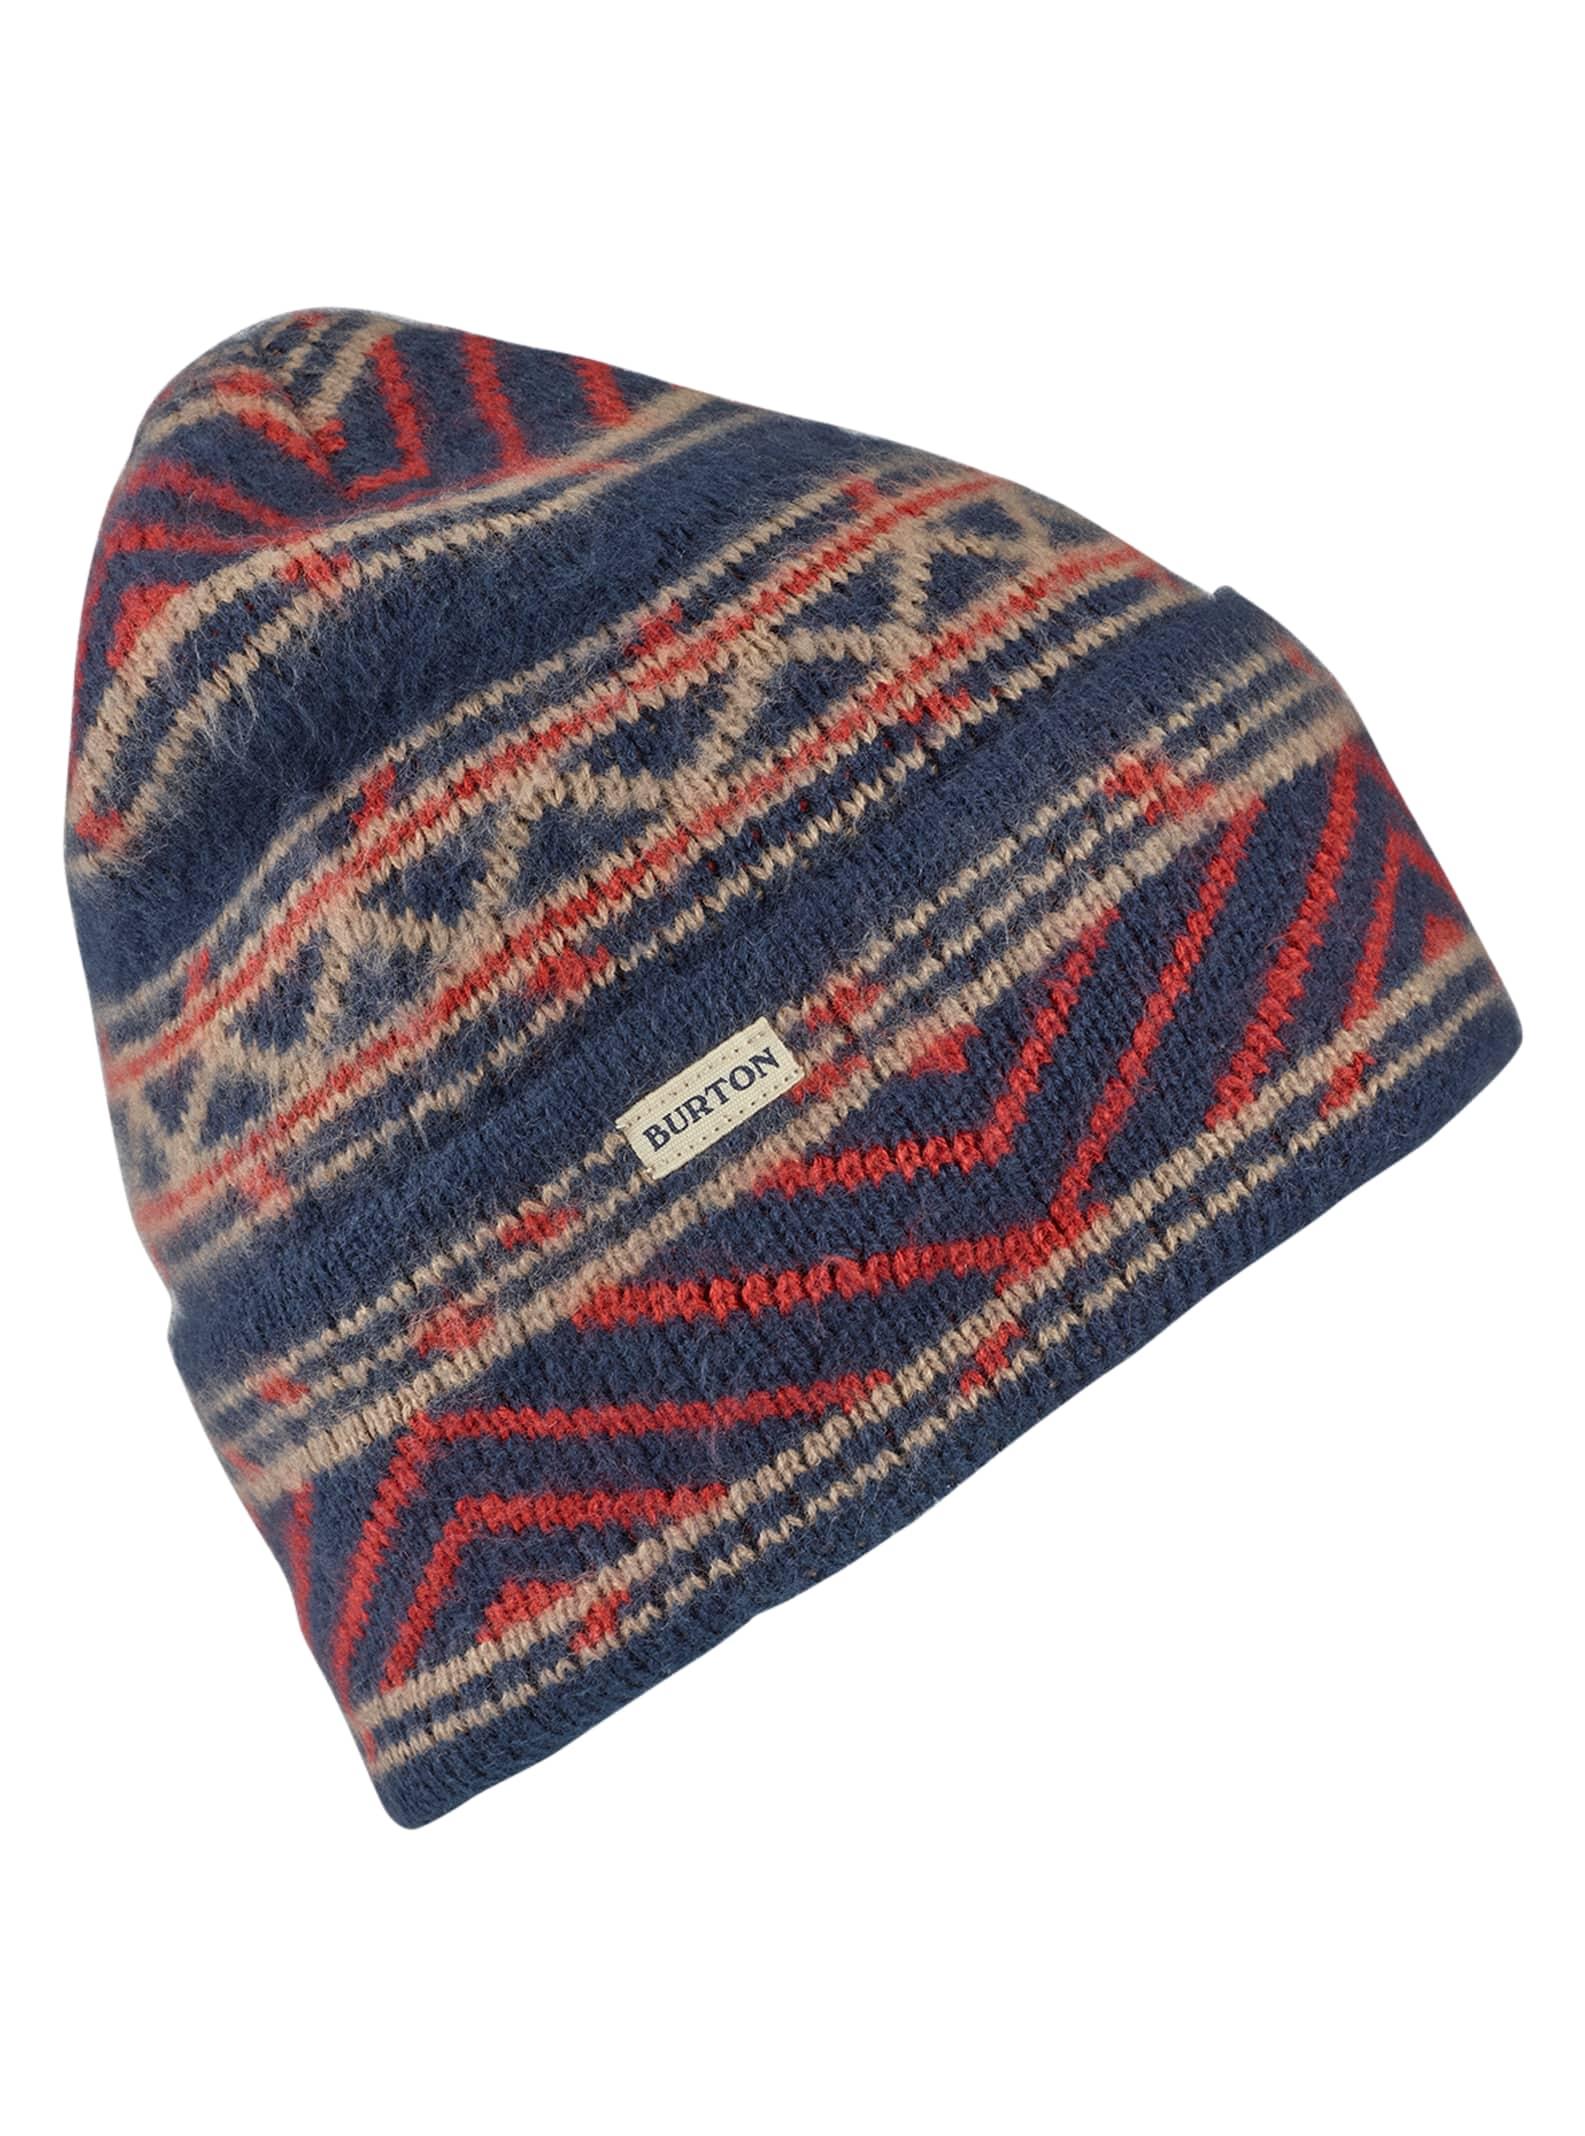 43a6e33d03a Women s Hats   Beanies